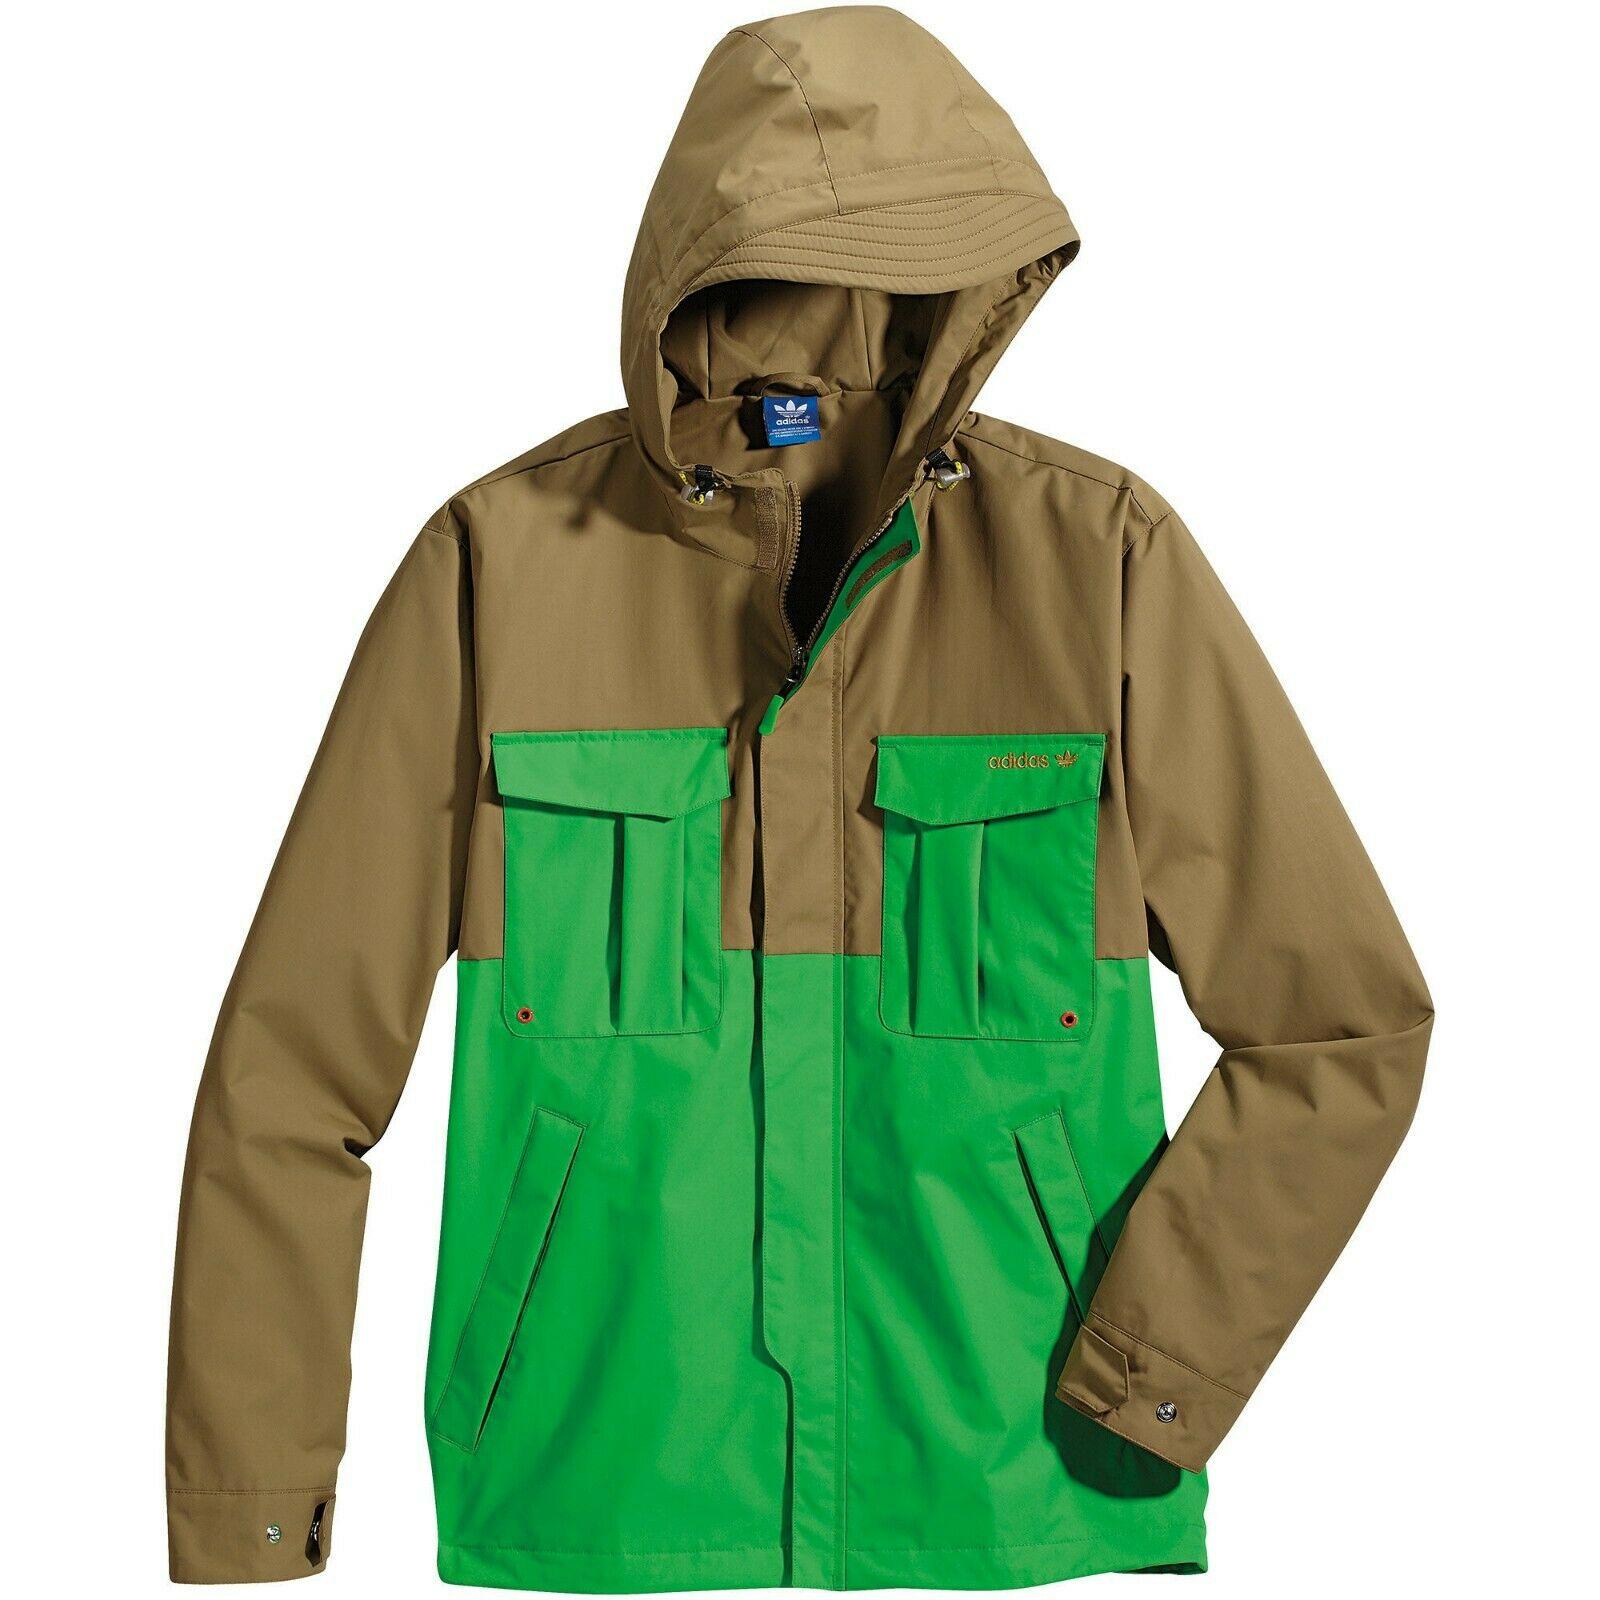 Details zu Adidas Original HERREN Wasserfest Laufen Jacke Mantel Brown Grün Retro Vintage